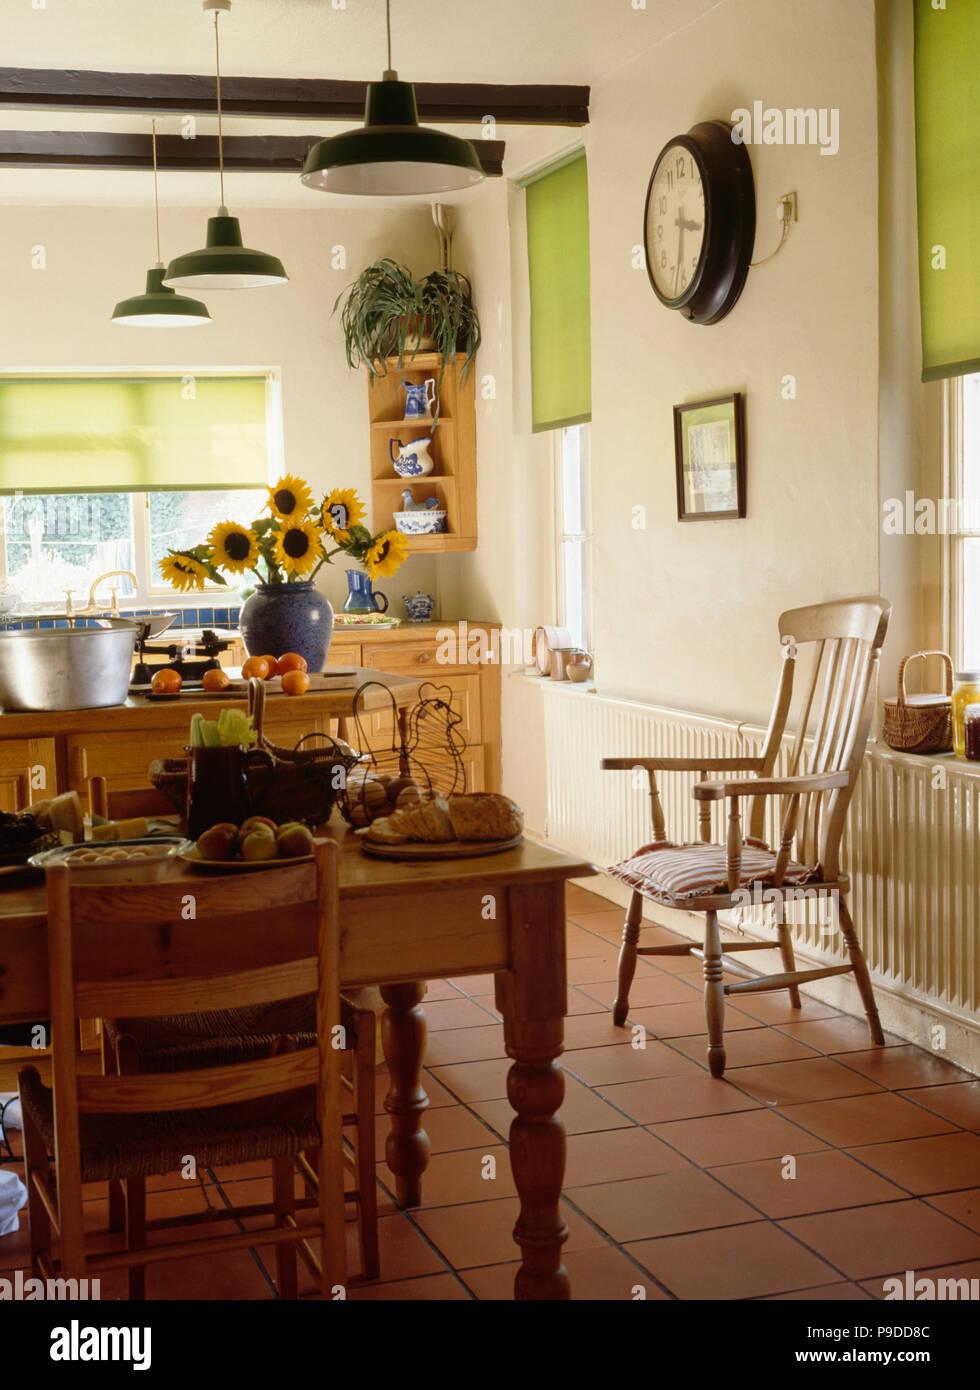 Kiefer Tisch Und Stühle In Der Küche Mit Terrakotta Fliesen Und Lime Grünen  Jalousien